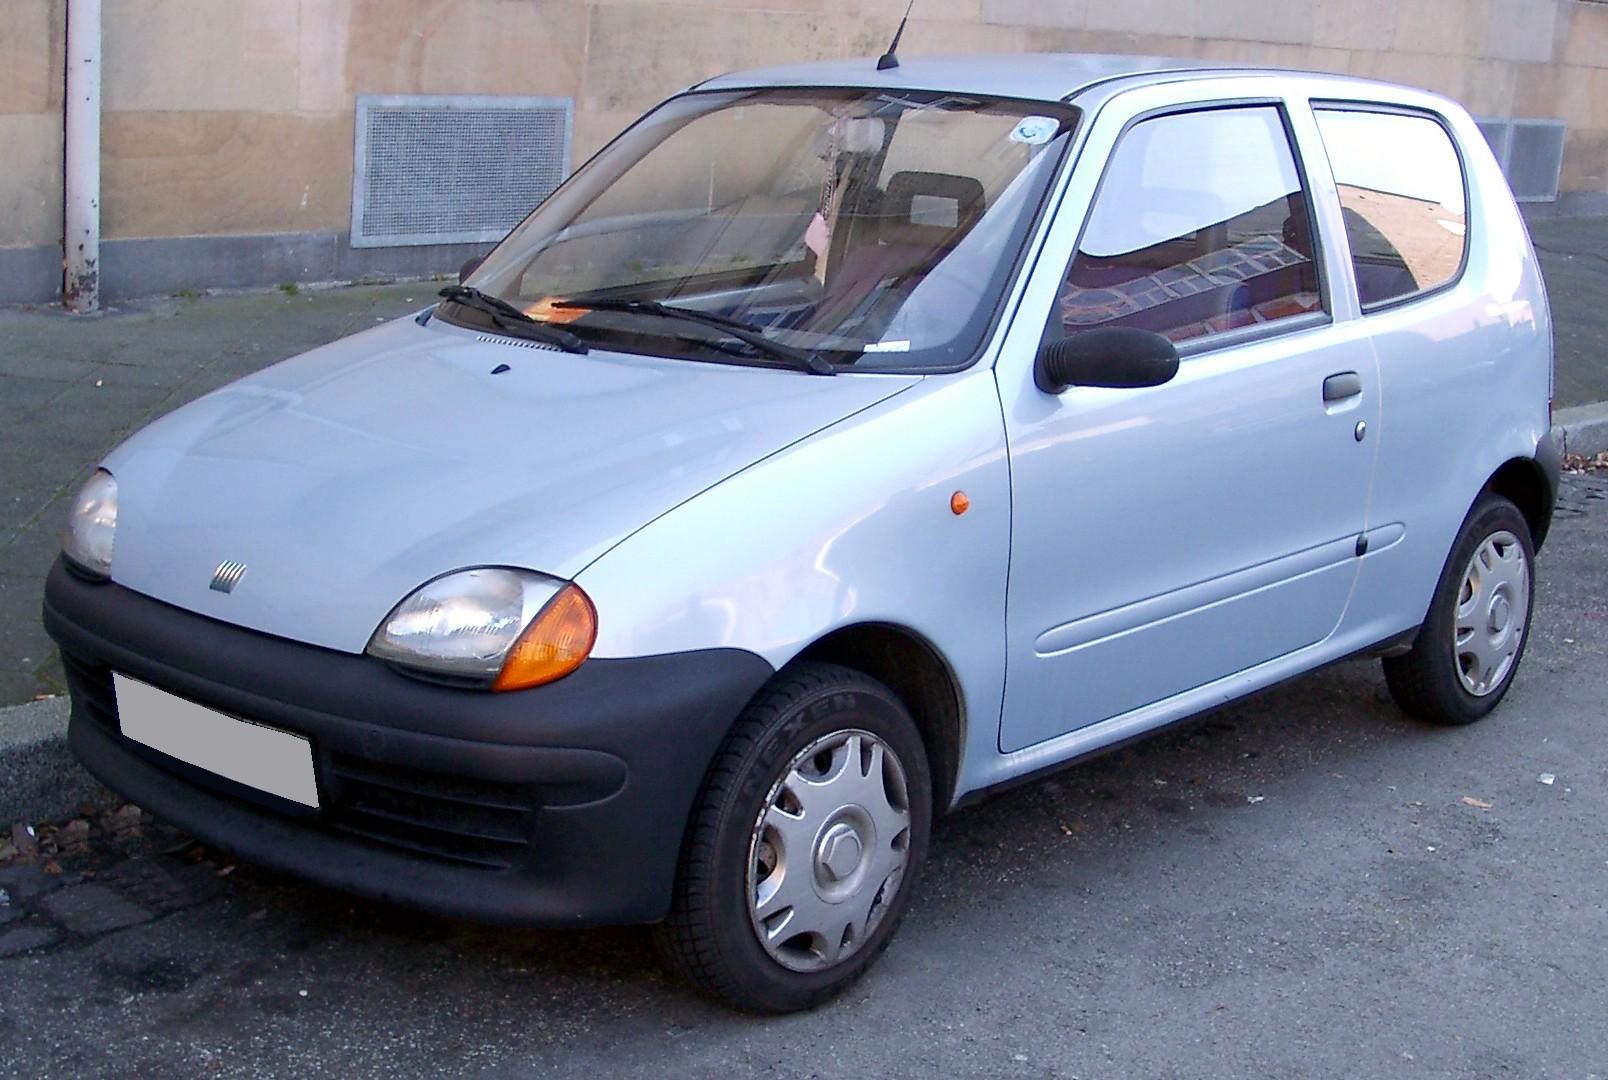 FIAT MAREA Passeggero Sinistro Lato Vicino Posteriore Fanale Posteriore FI 133 L